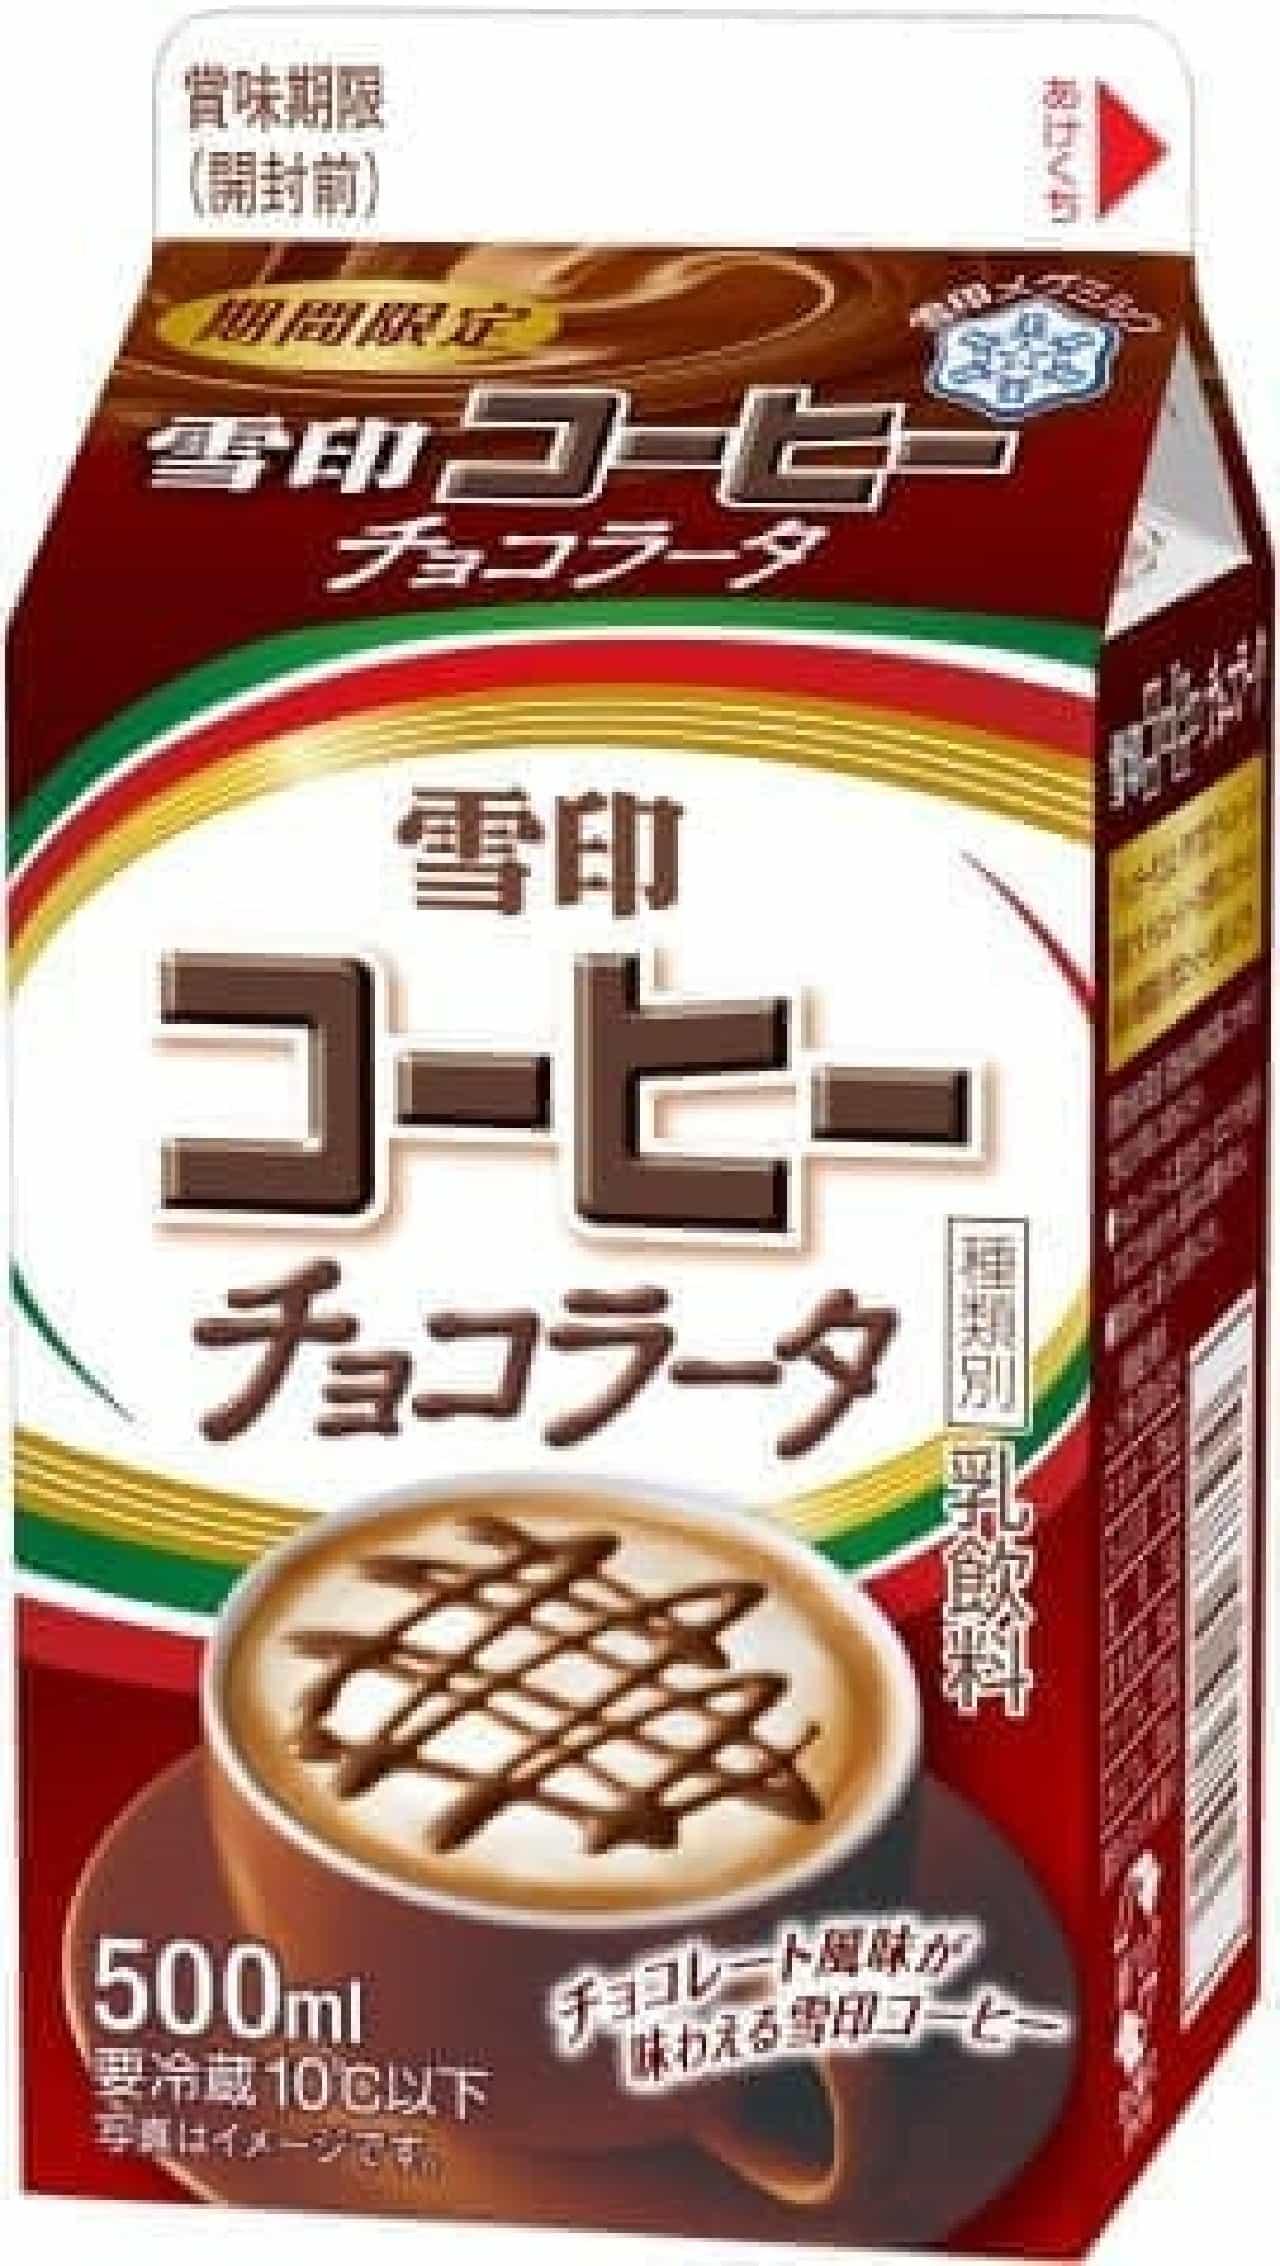 雪印メグミルク「雪印コーヒー チョコラータ」